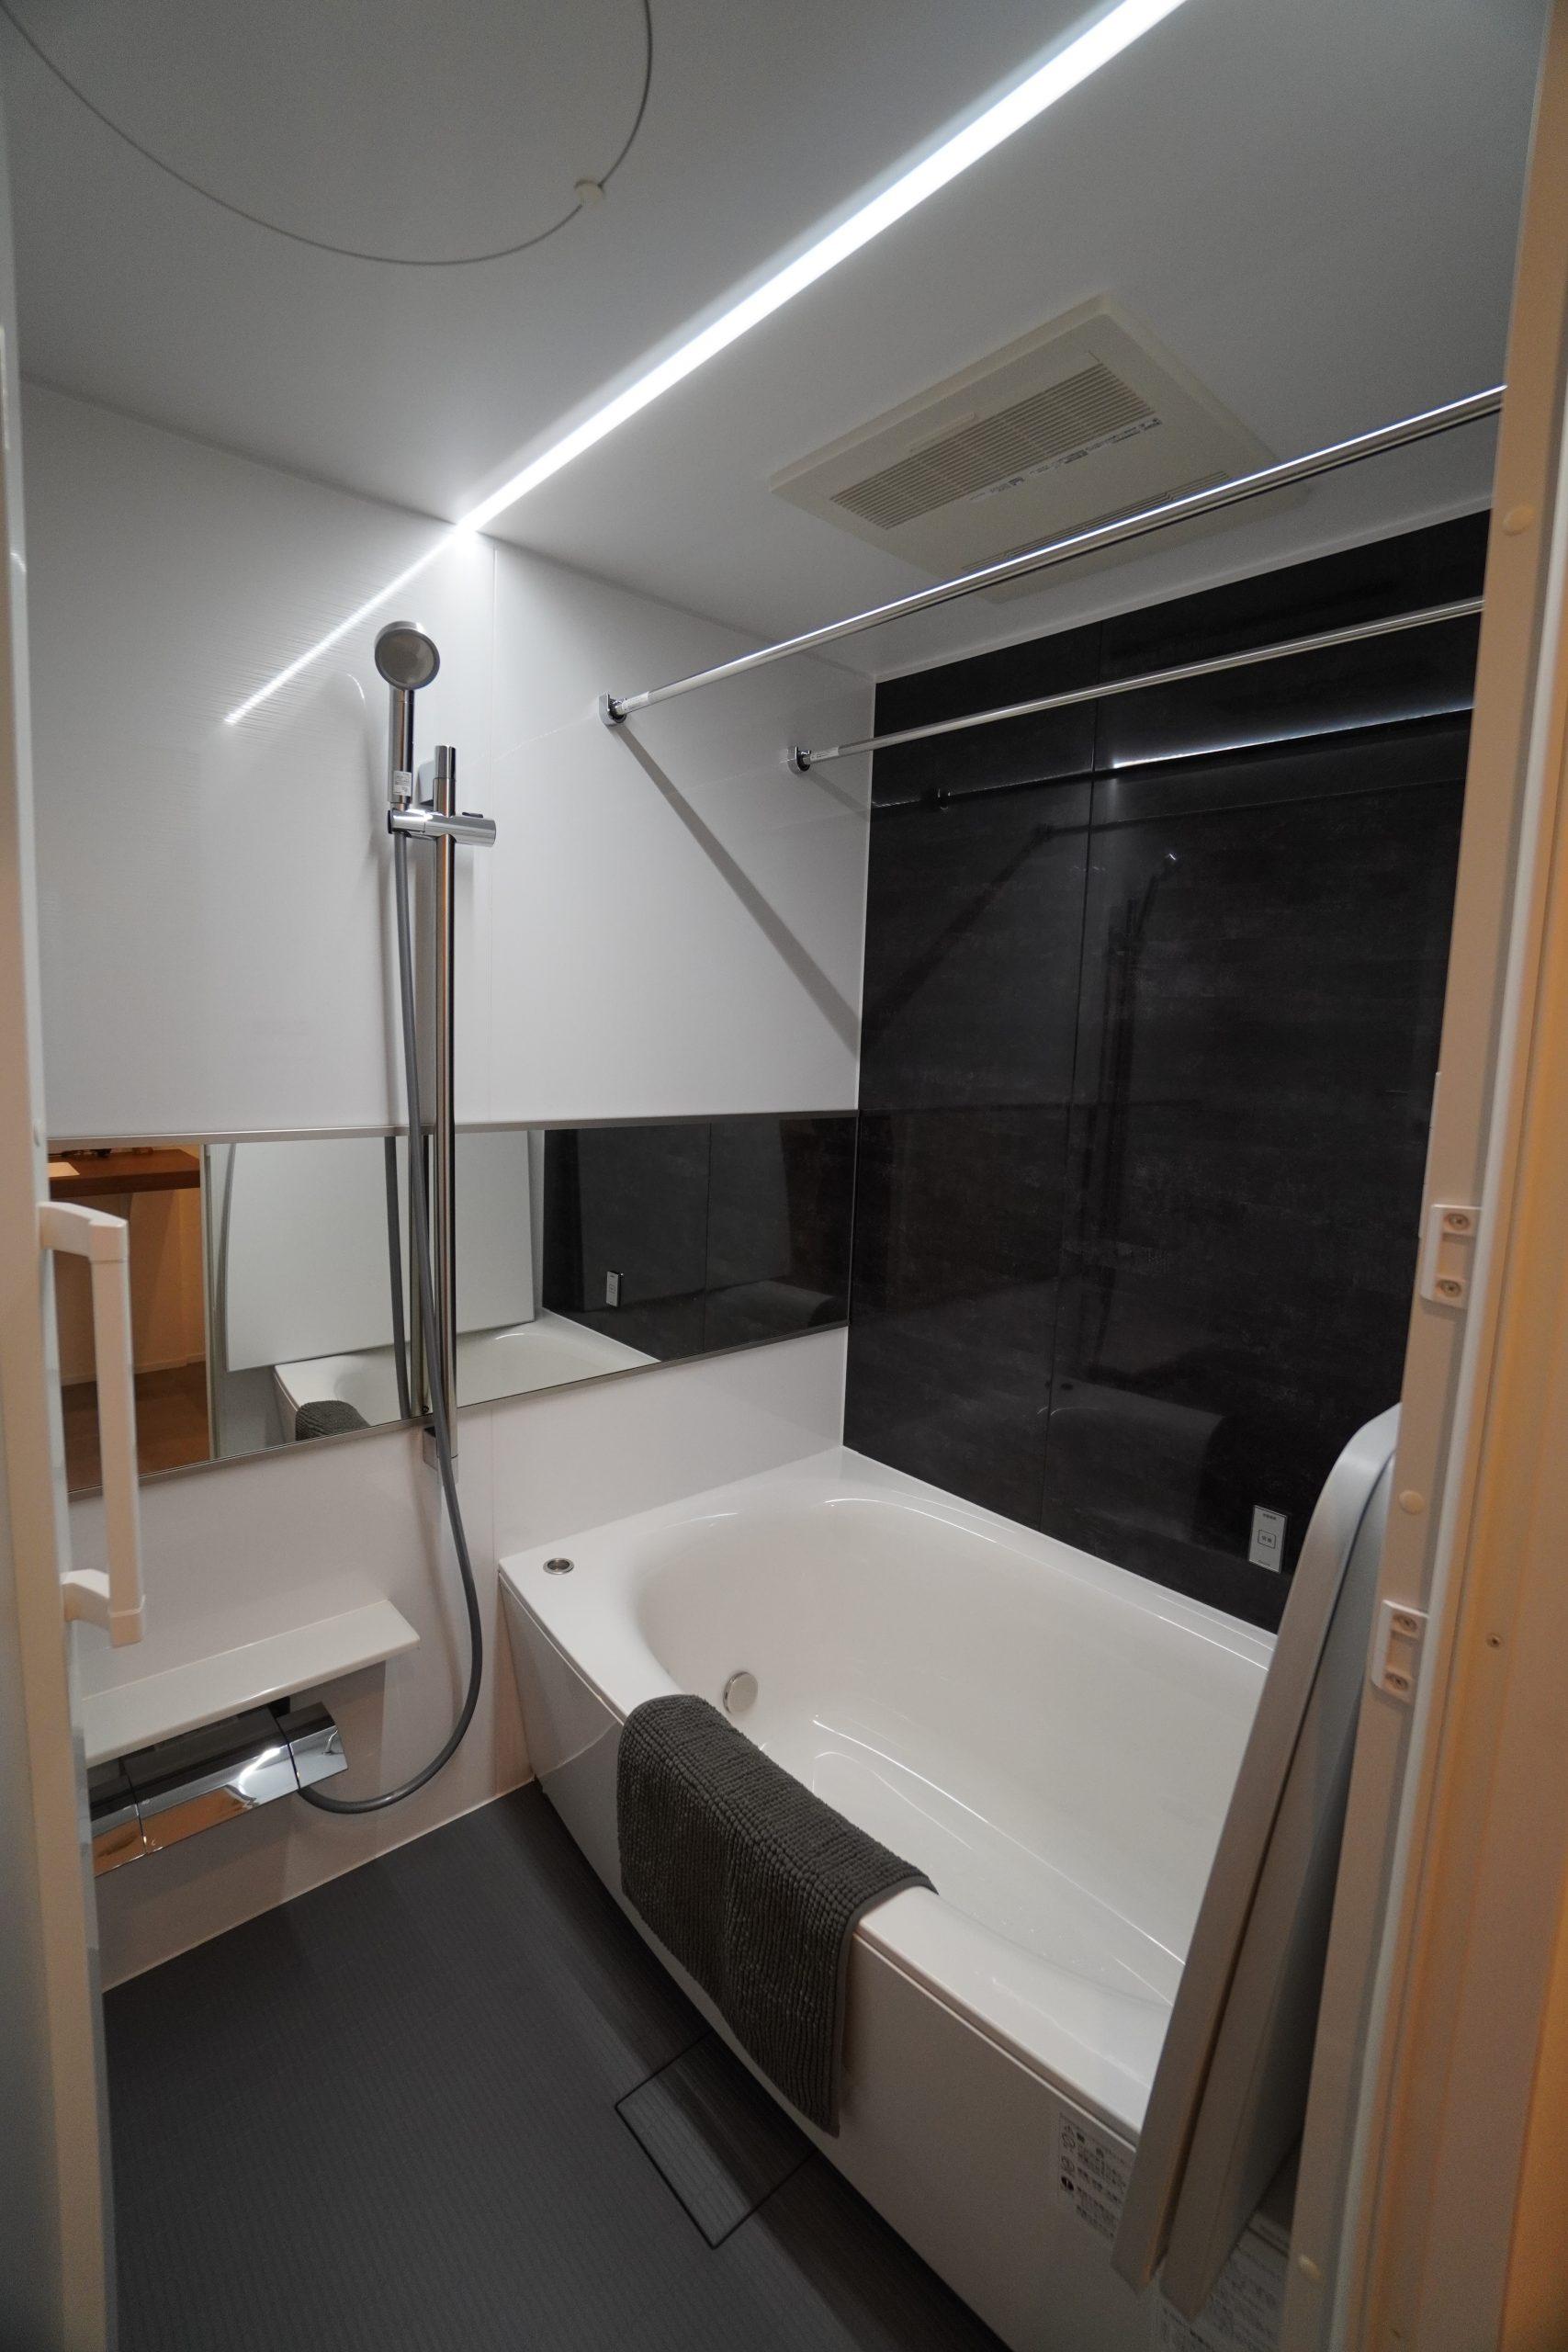 ハラダサンパークマンション恵比寿台の写真11